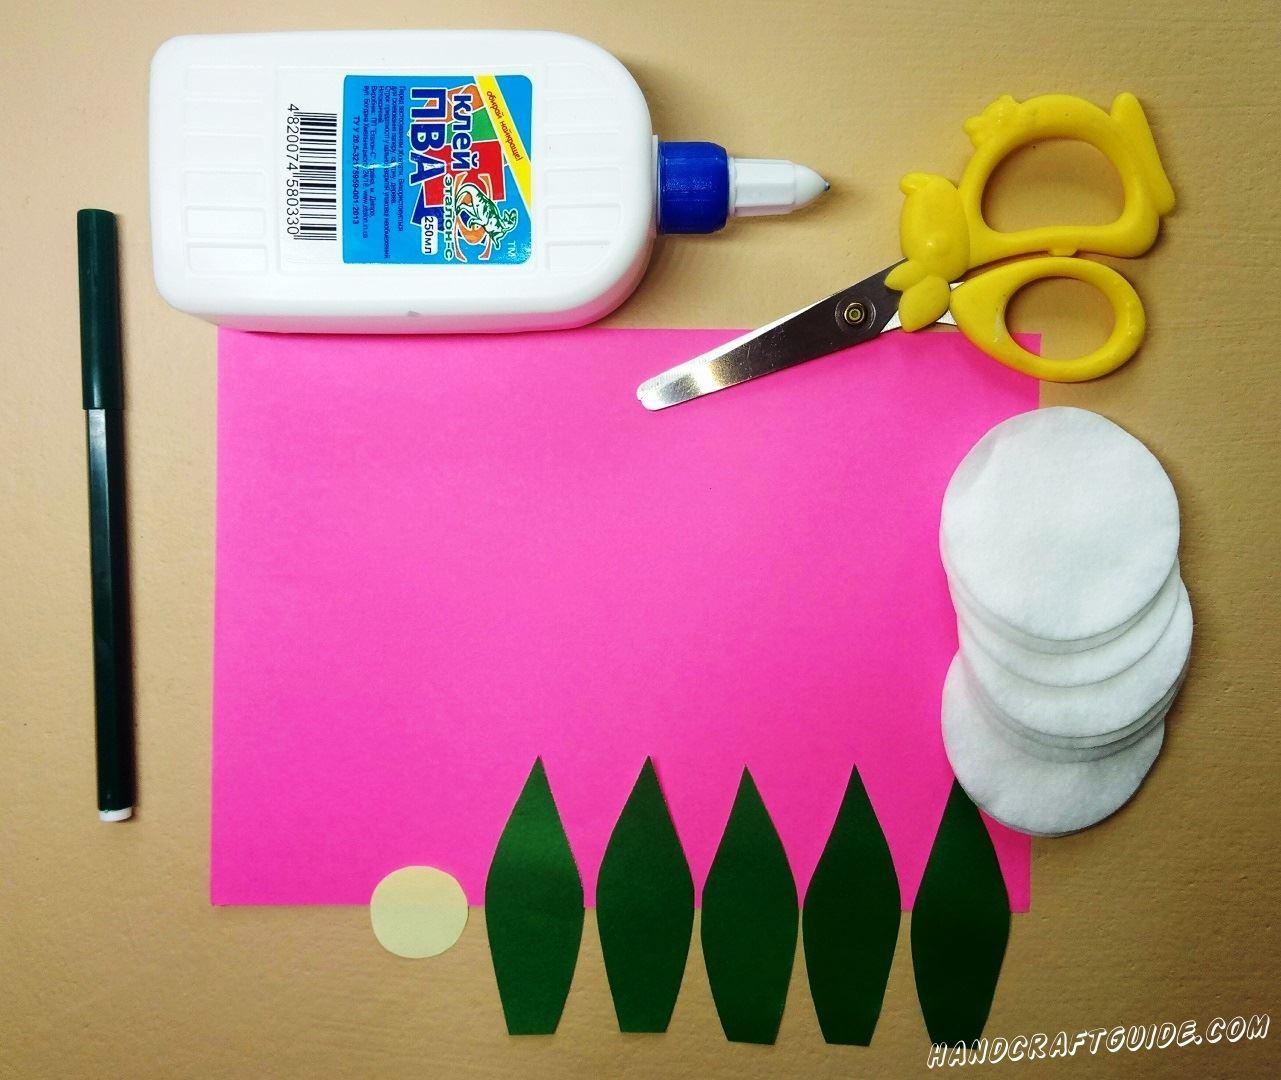 Давайте для начала мы вырезаем 5 листочков из бумаги зелёного цвета и кружочек желтого цвета